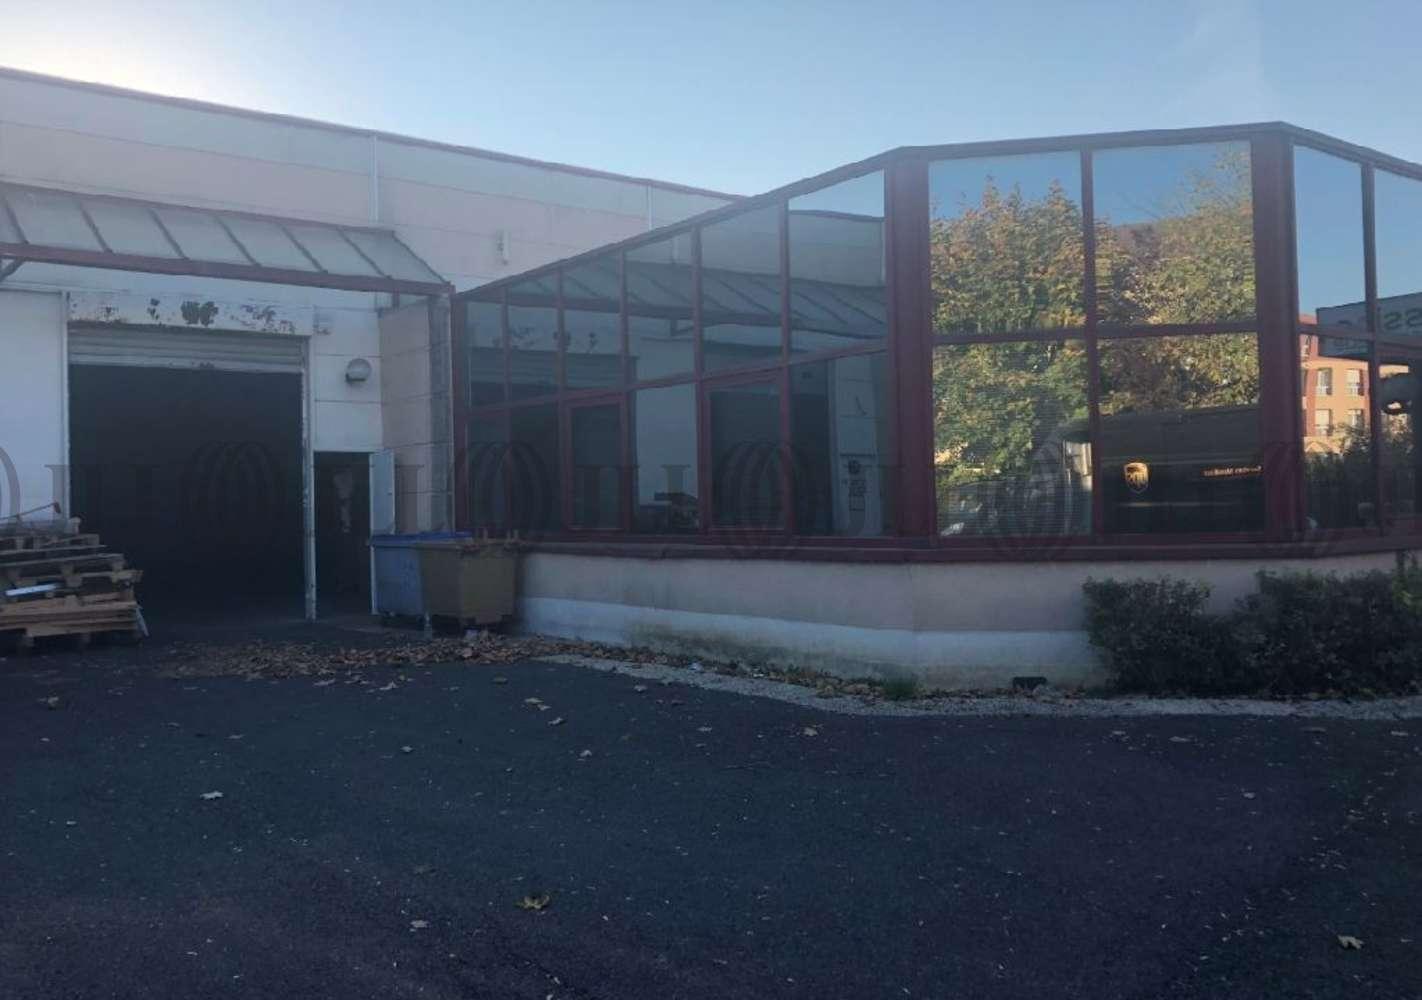 Activités/entrepôt Le bourget, 93350 - 39-43 RUE DU COMMANDANT ROLLAND - 9664839